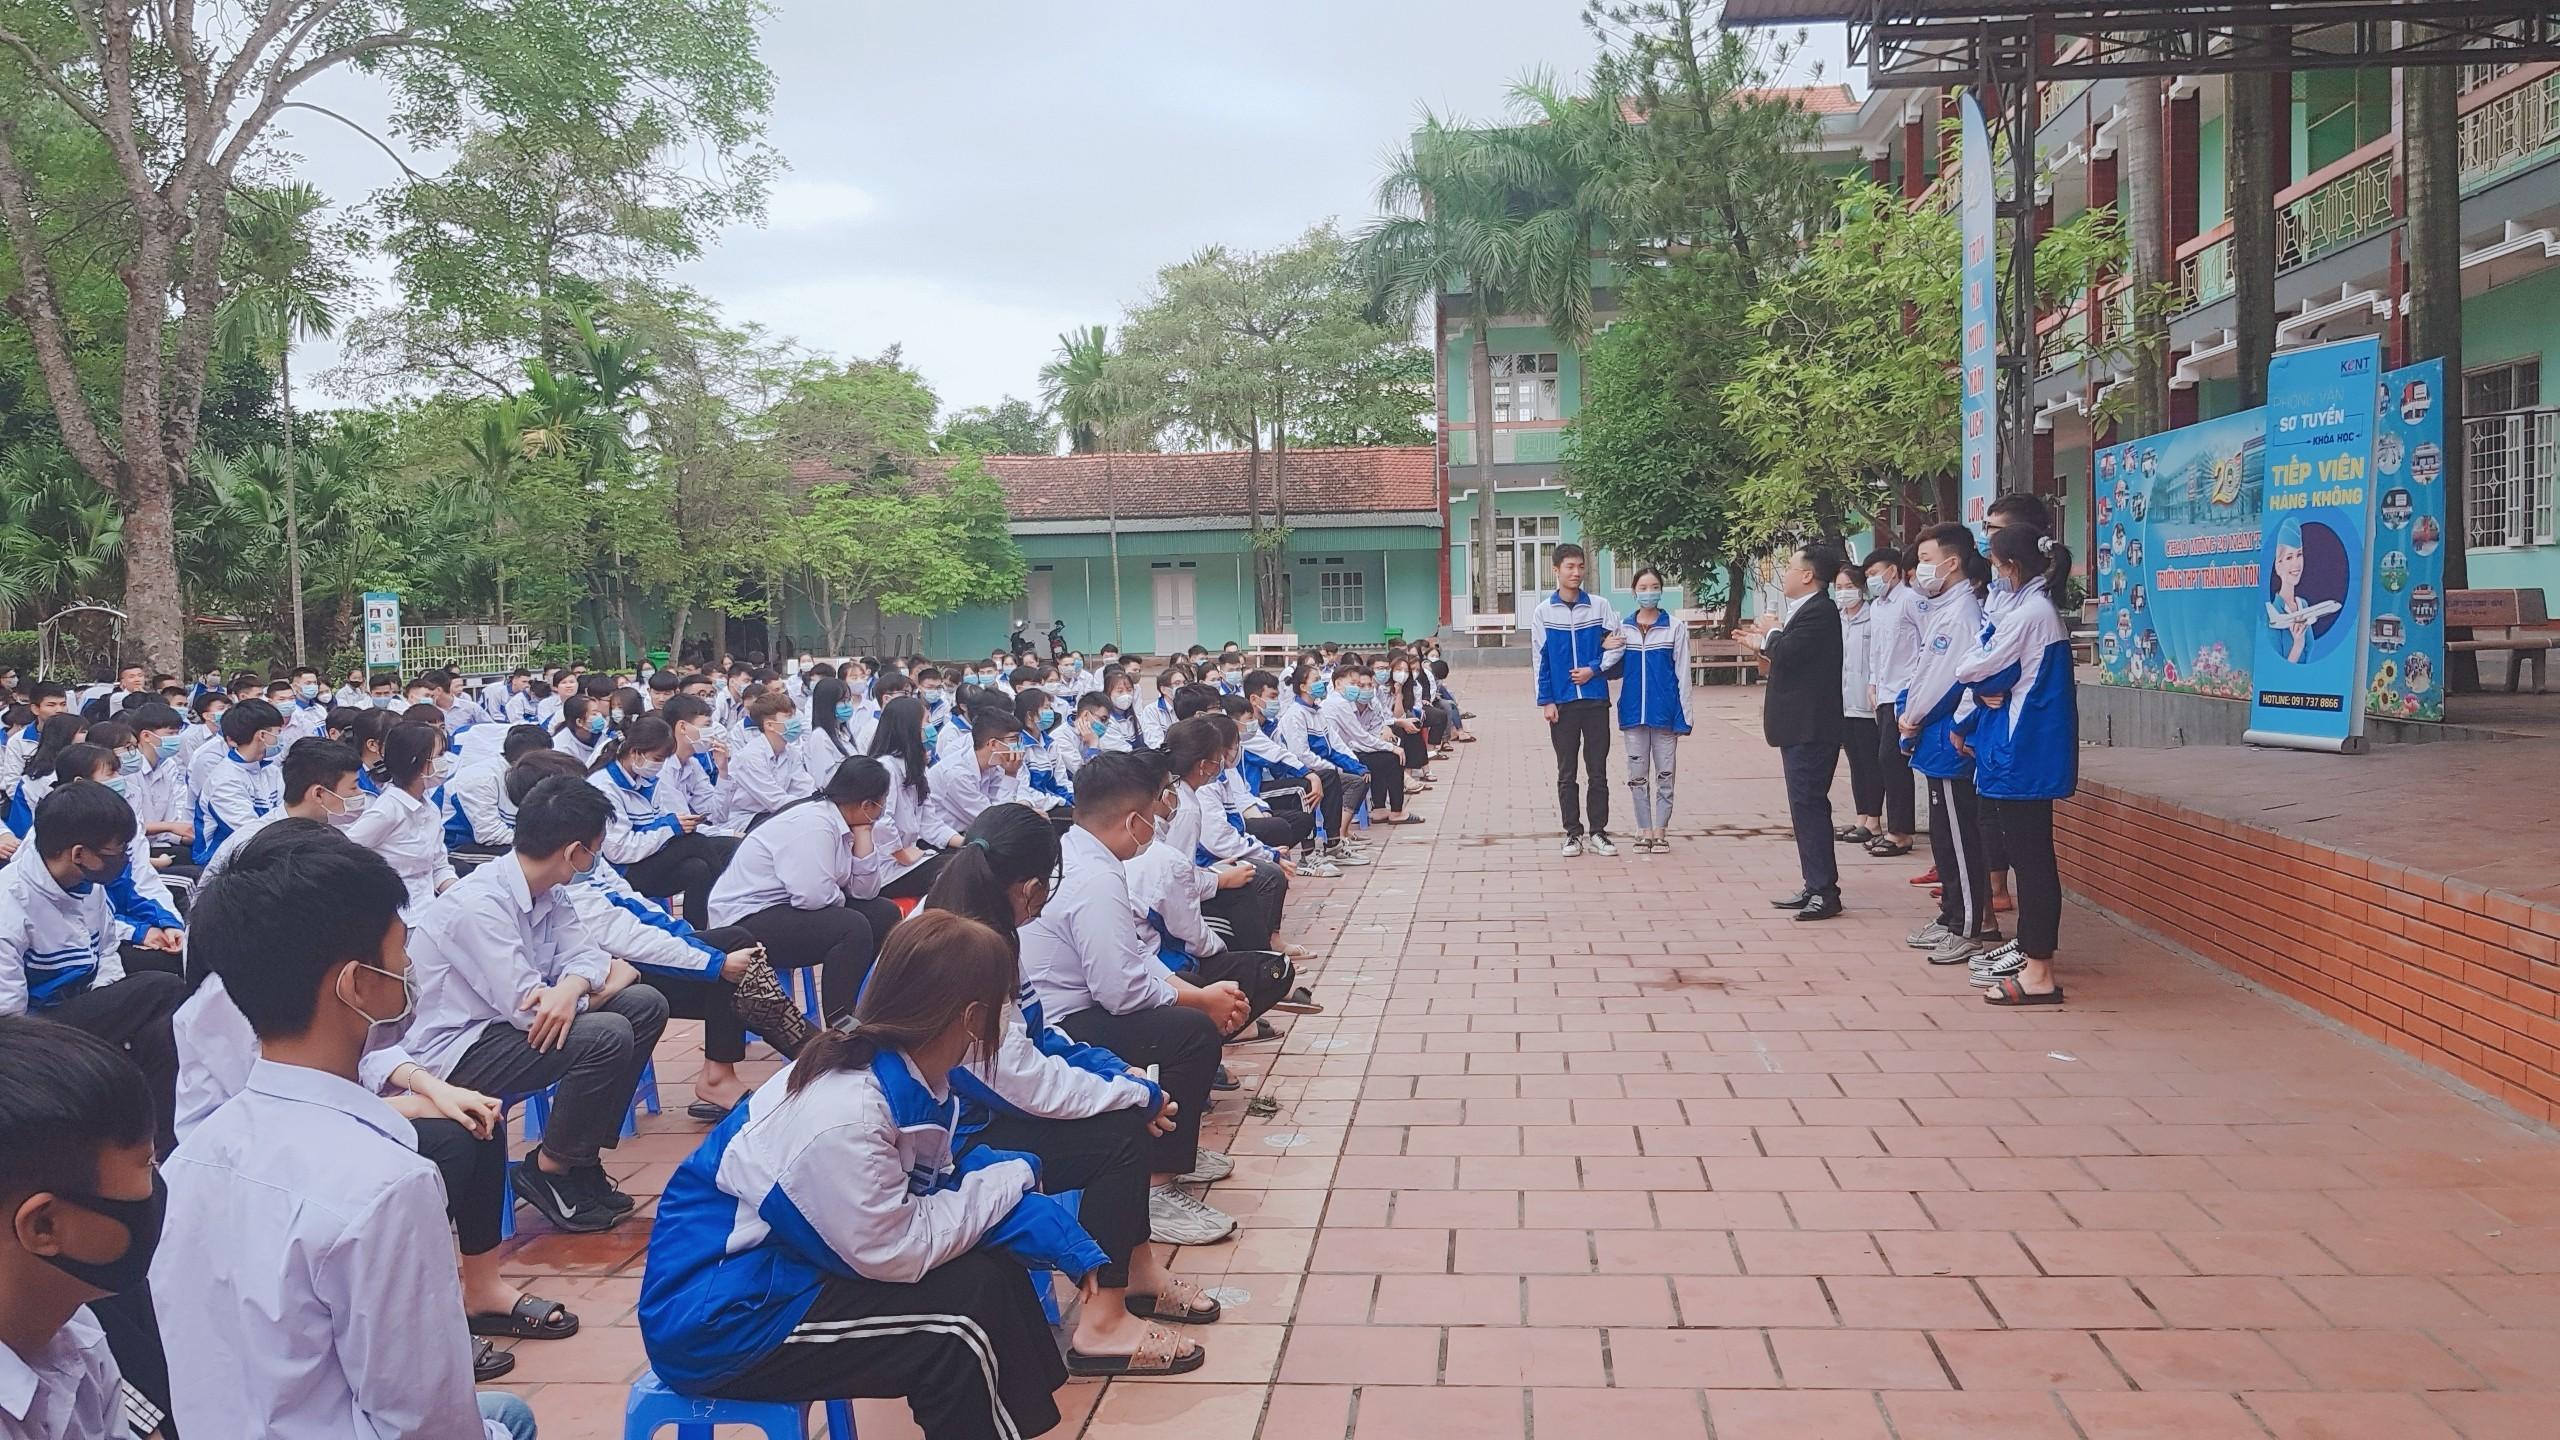 Tọa đàm tư vấn hướng nghiệp cung cấp thông tin thị trường lao động cho học sinh THPT tại Đông Triều, Quảng Ninh